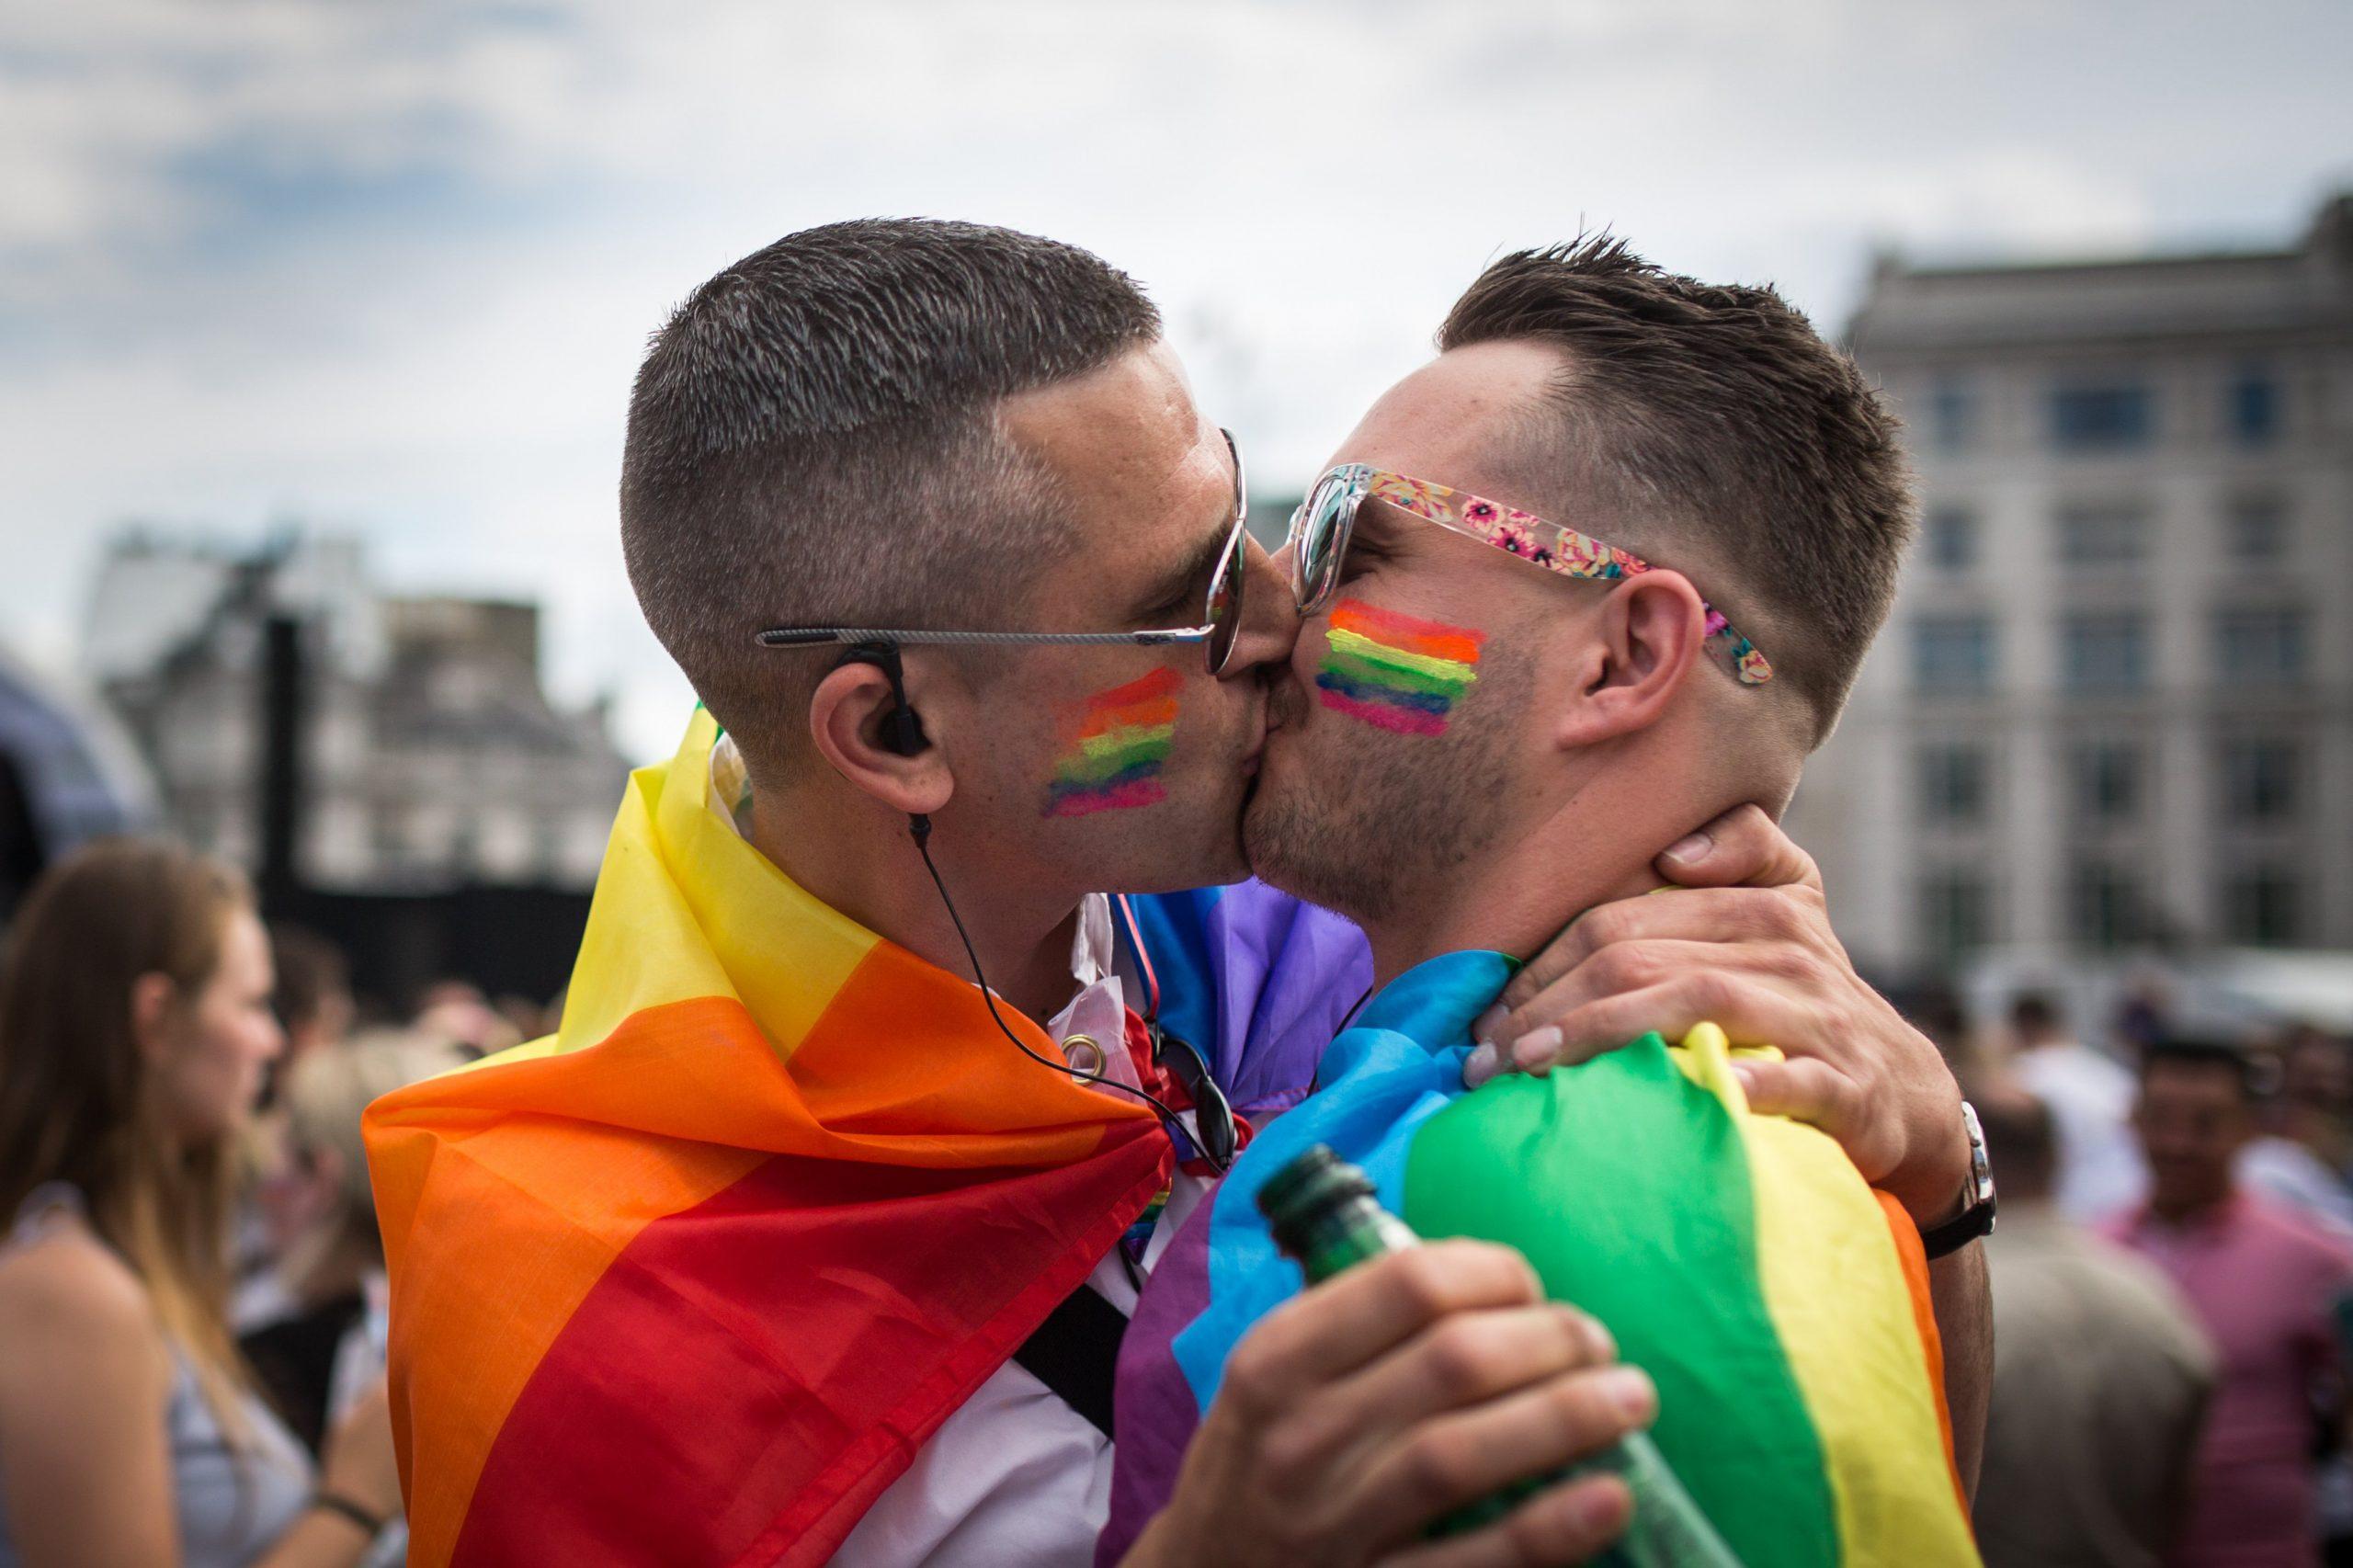 Pesquisa conclui que 5,6% dos adultos nos EUA se identificam como LGBTQIA+